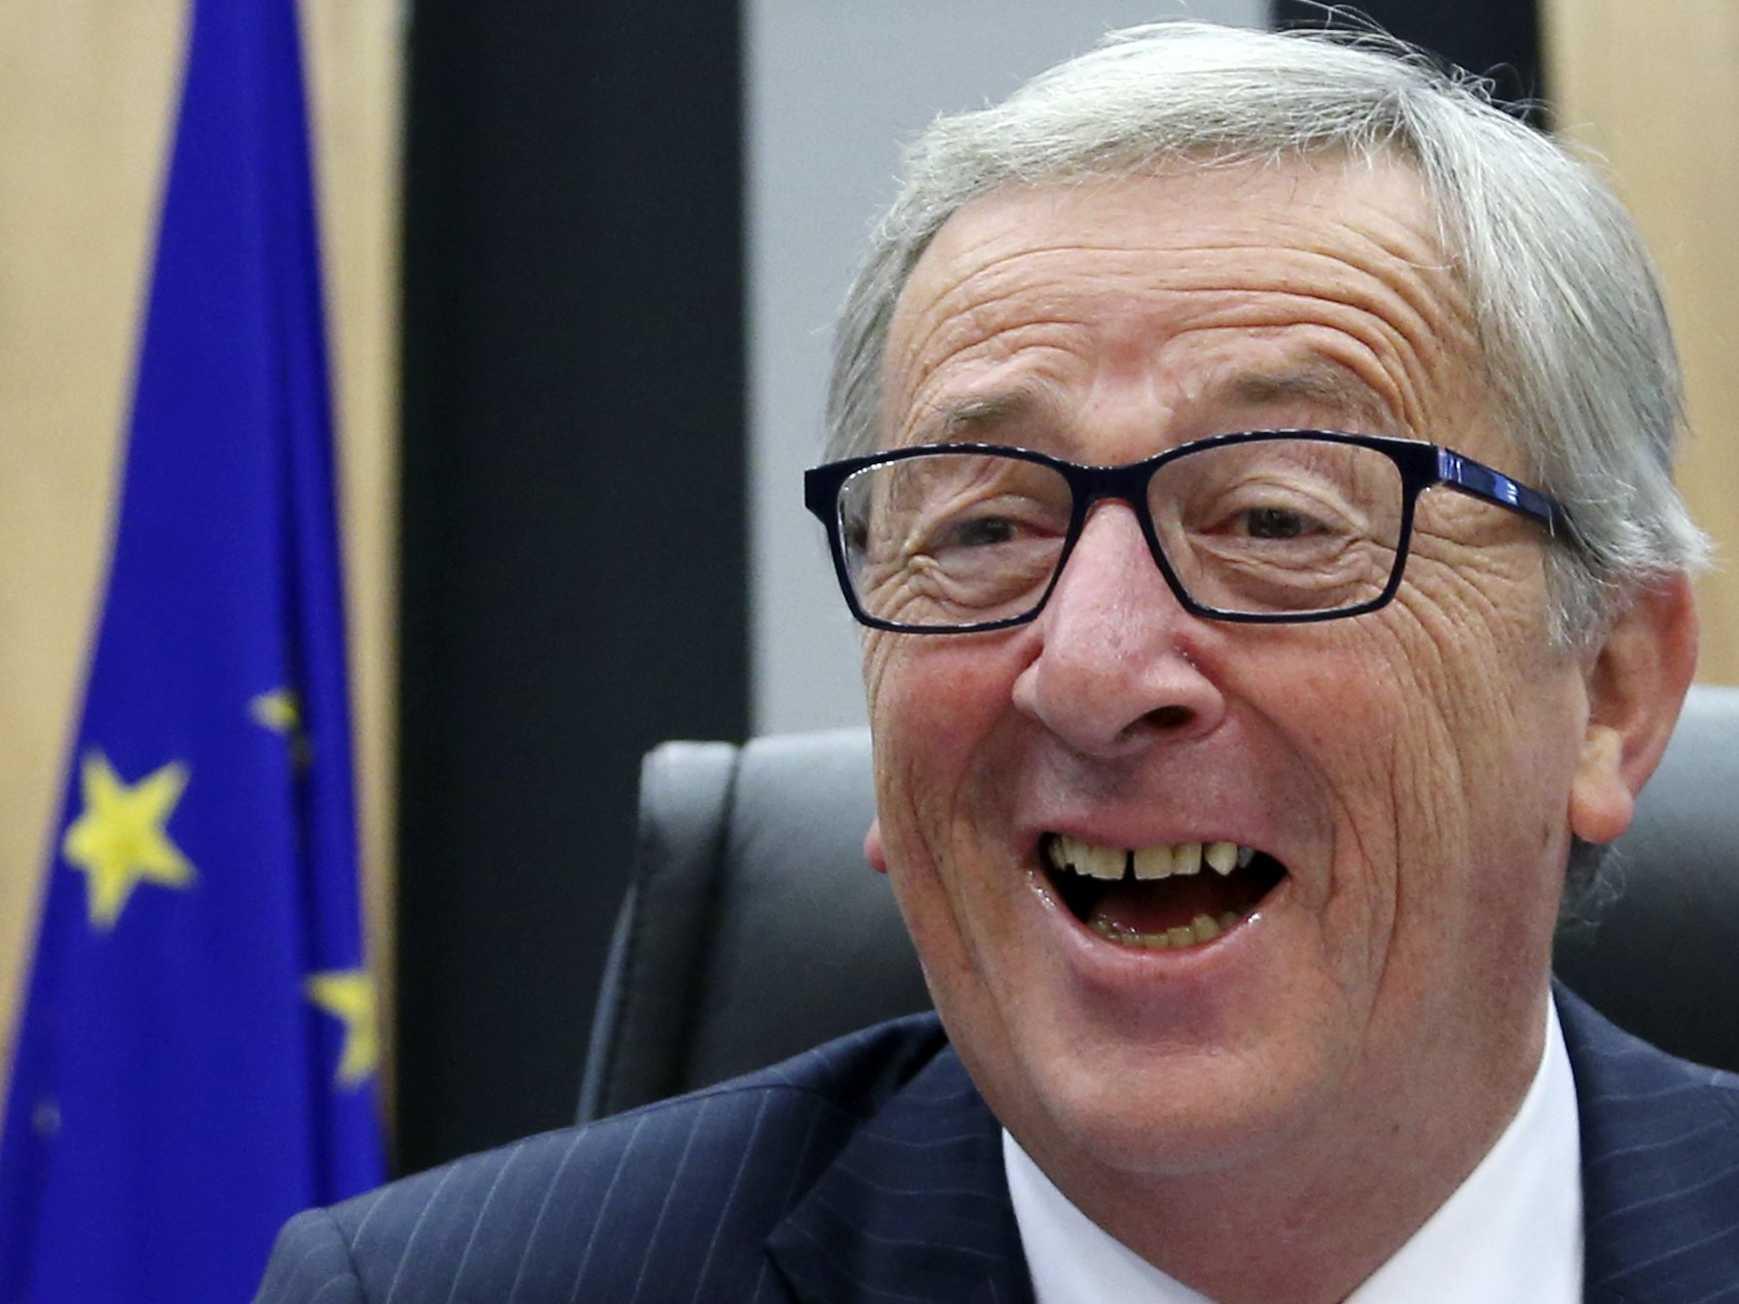 Јункер Британији: Прво уплатите 50 милијарди фунти па можете изађи из ЕУ